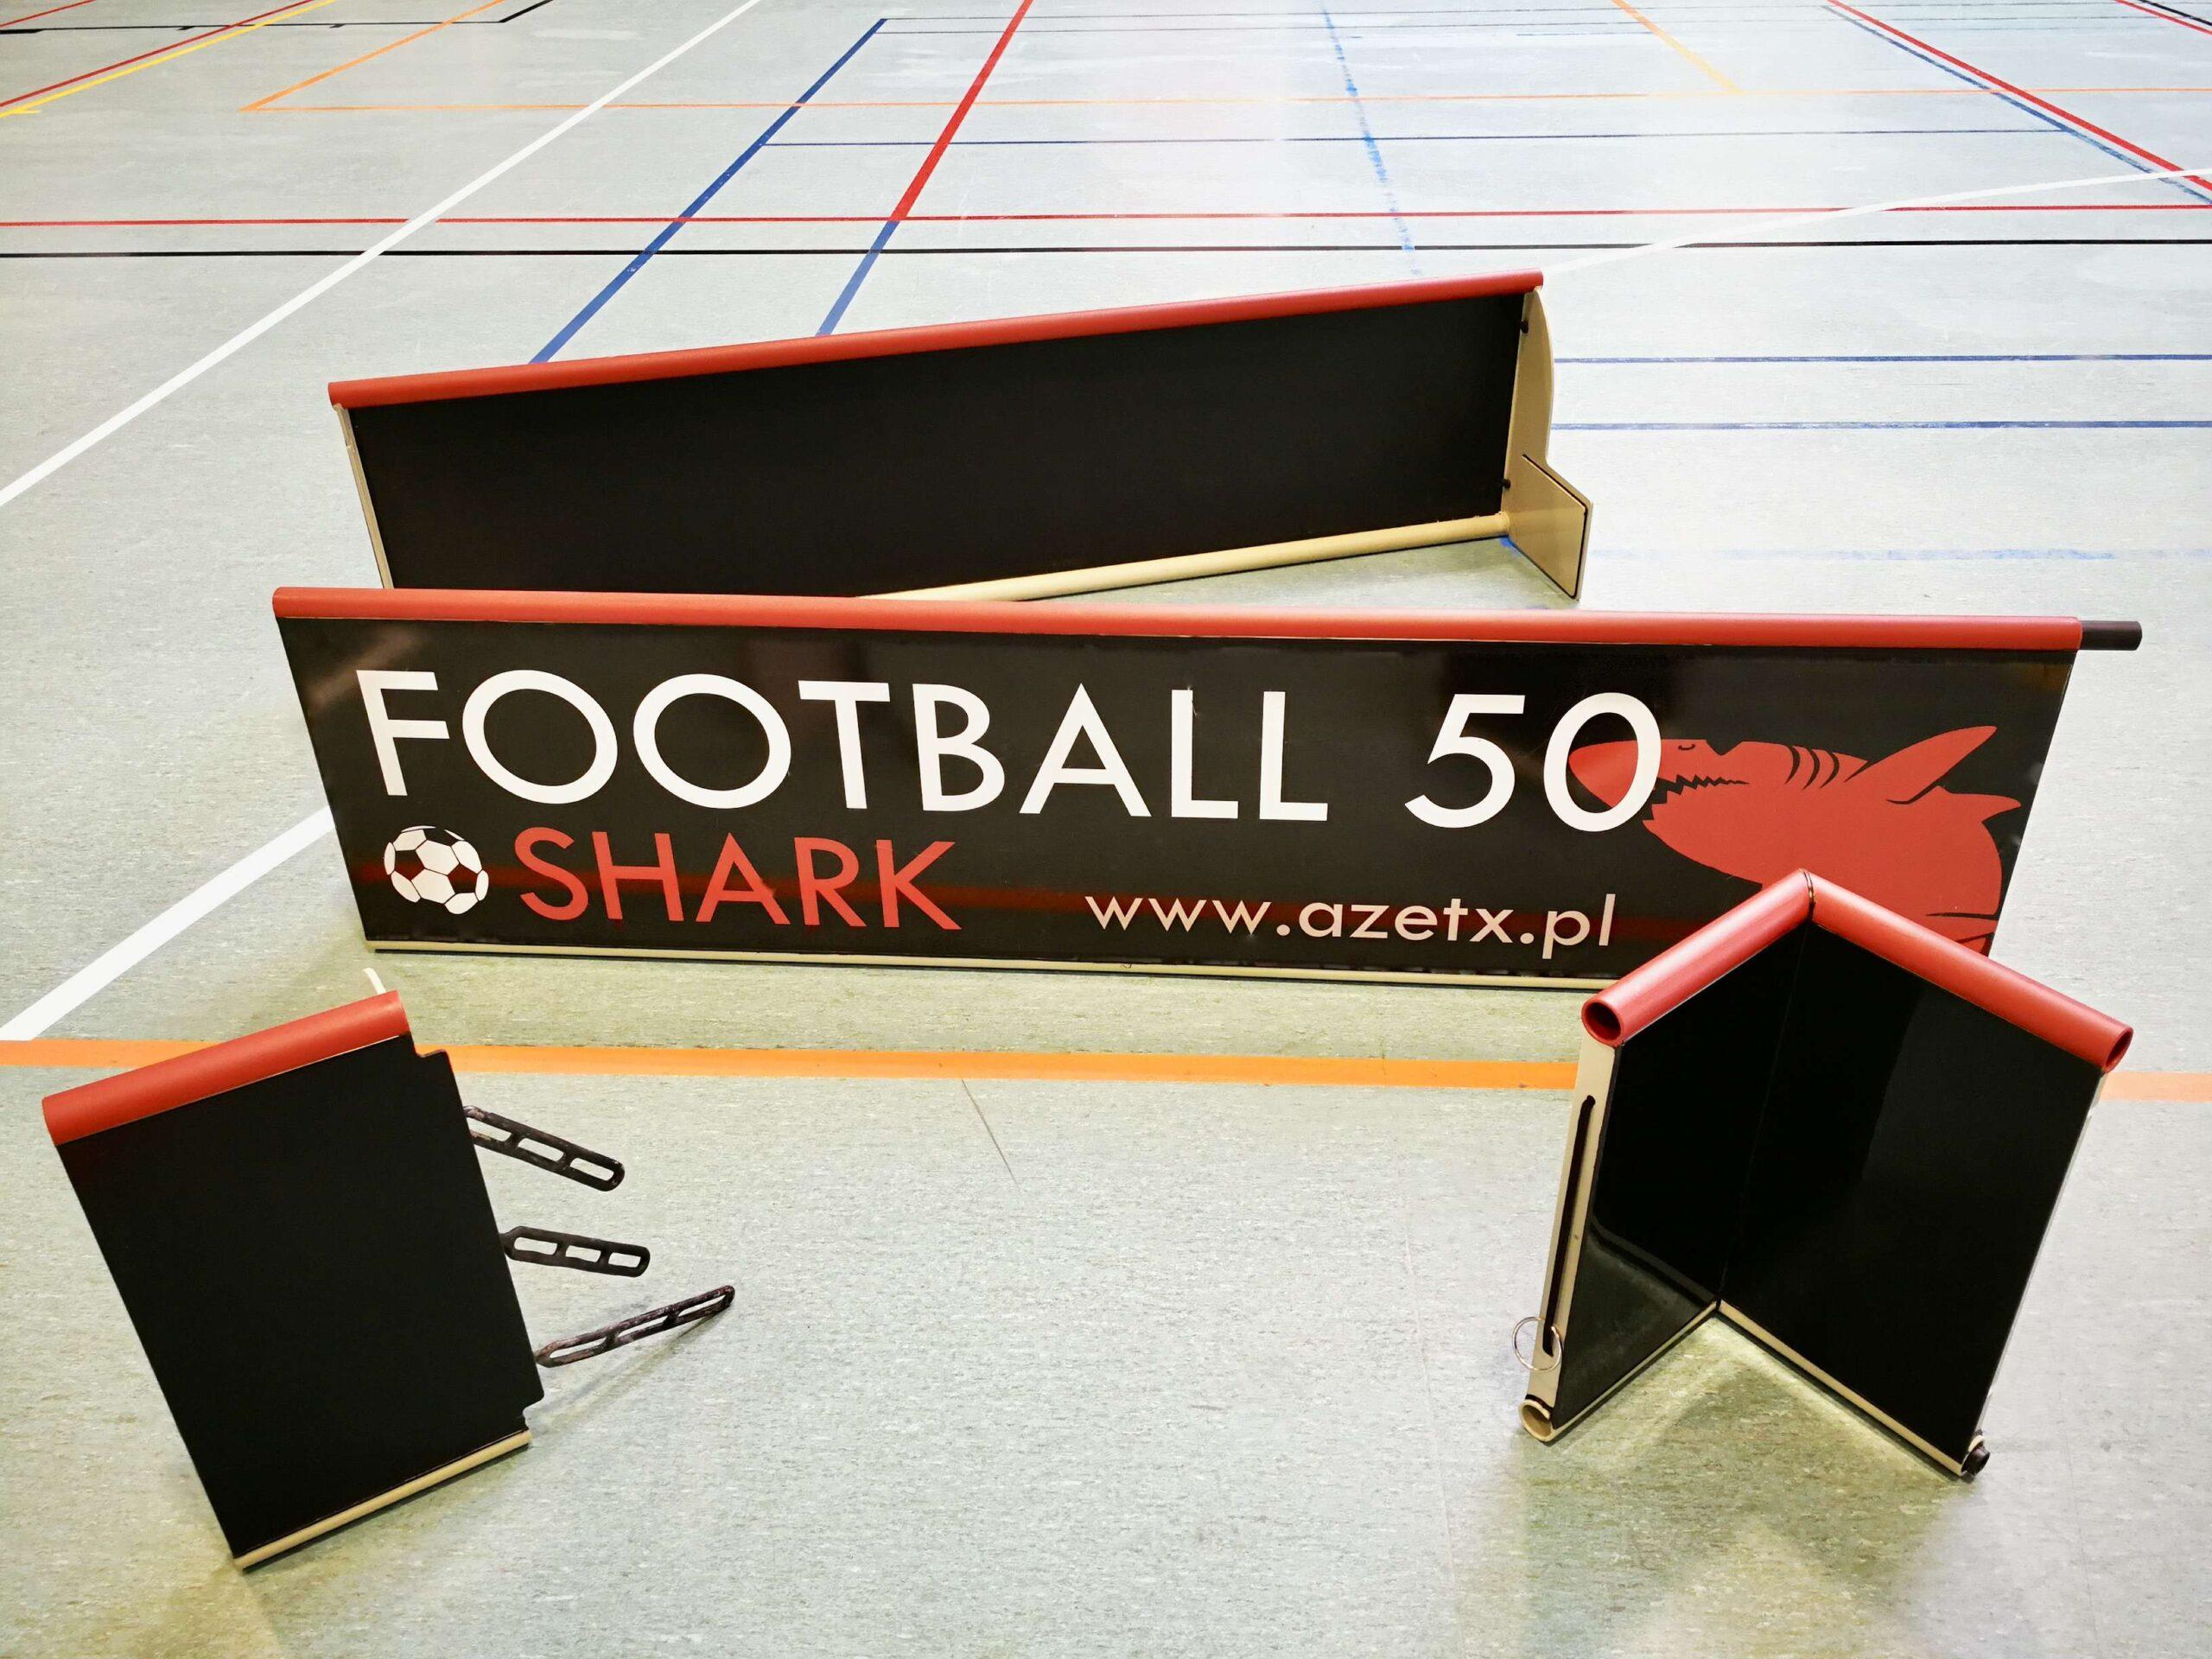 Zestaw elementów Bandy Azetx Football 50 SHARK_1